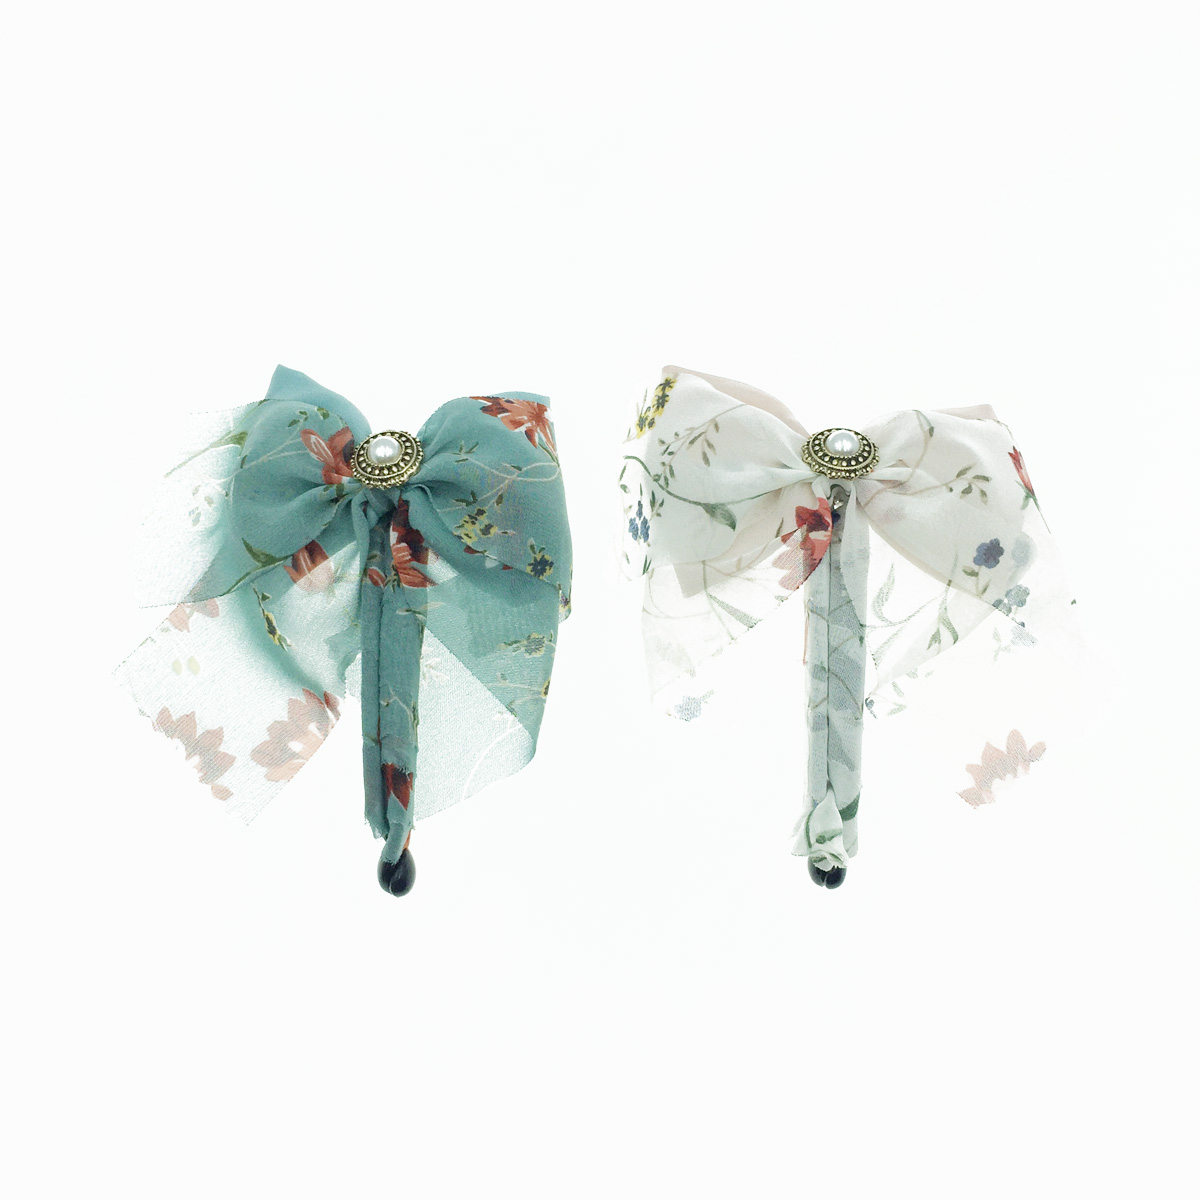 韓國 蝴蝶結 碎花 絲質 珍珠鈕扣 相交夾 髮夾 髮飾